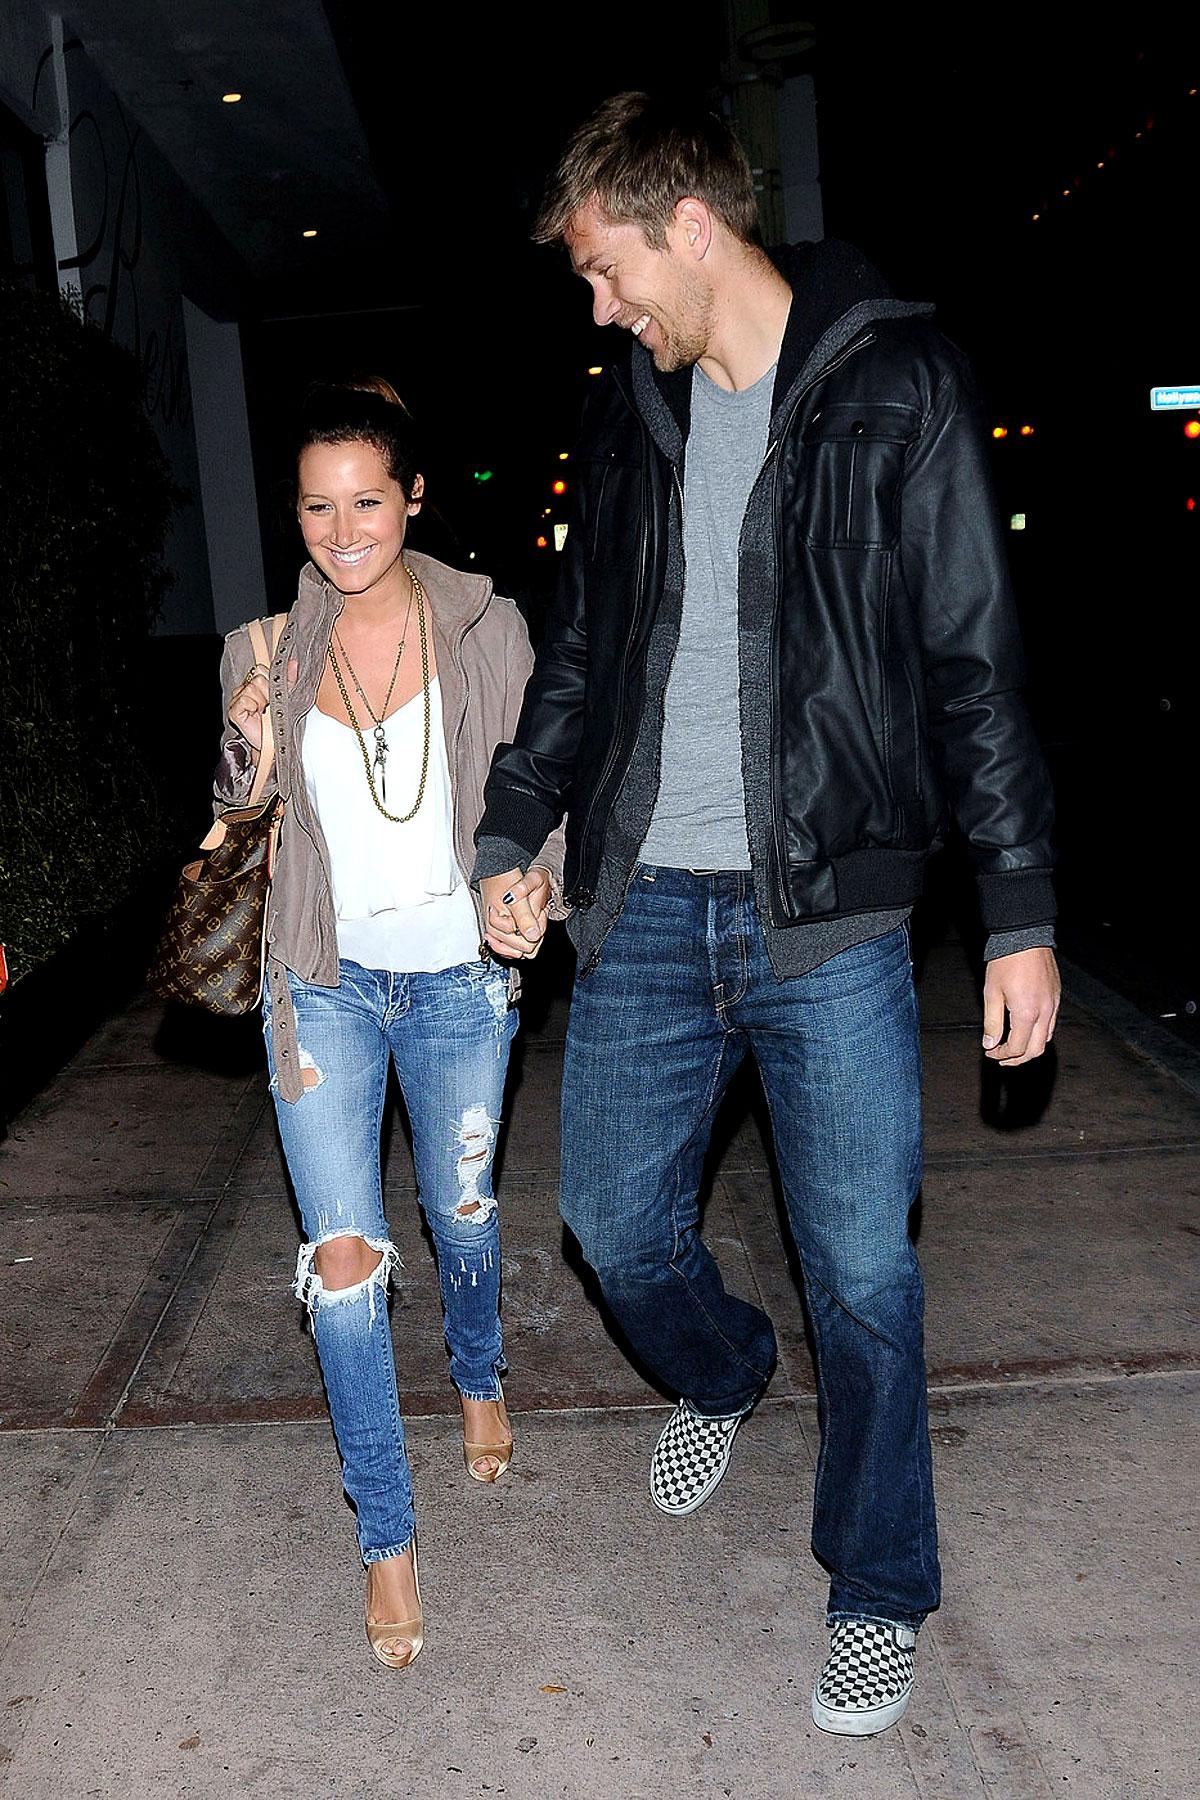 Ashley Tisdale Is Tiny Next To Her Boyfriend (PHOTOS)